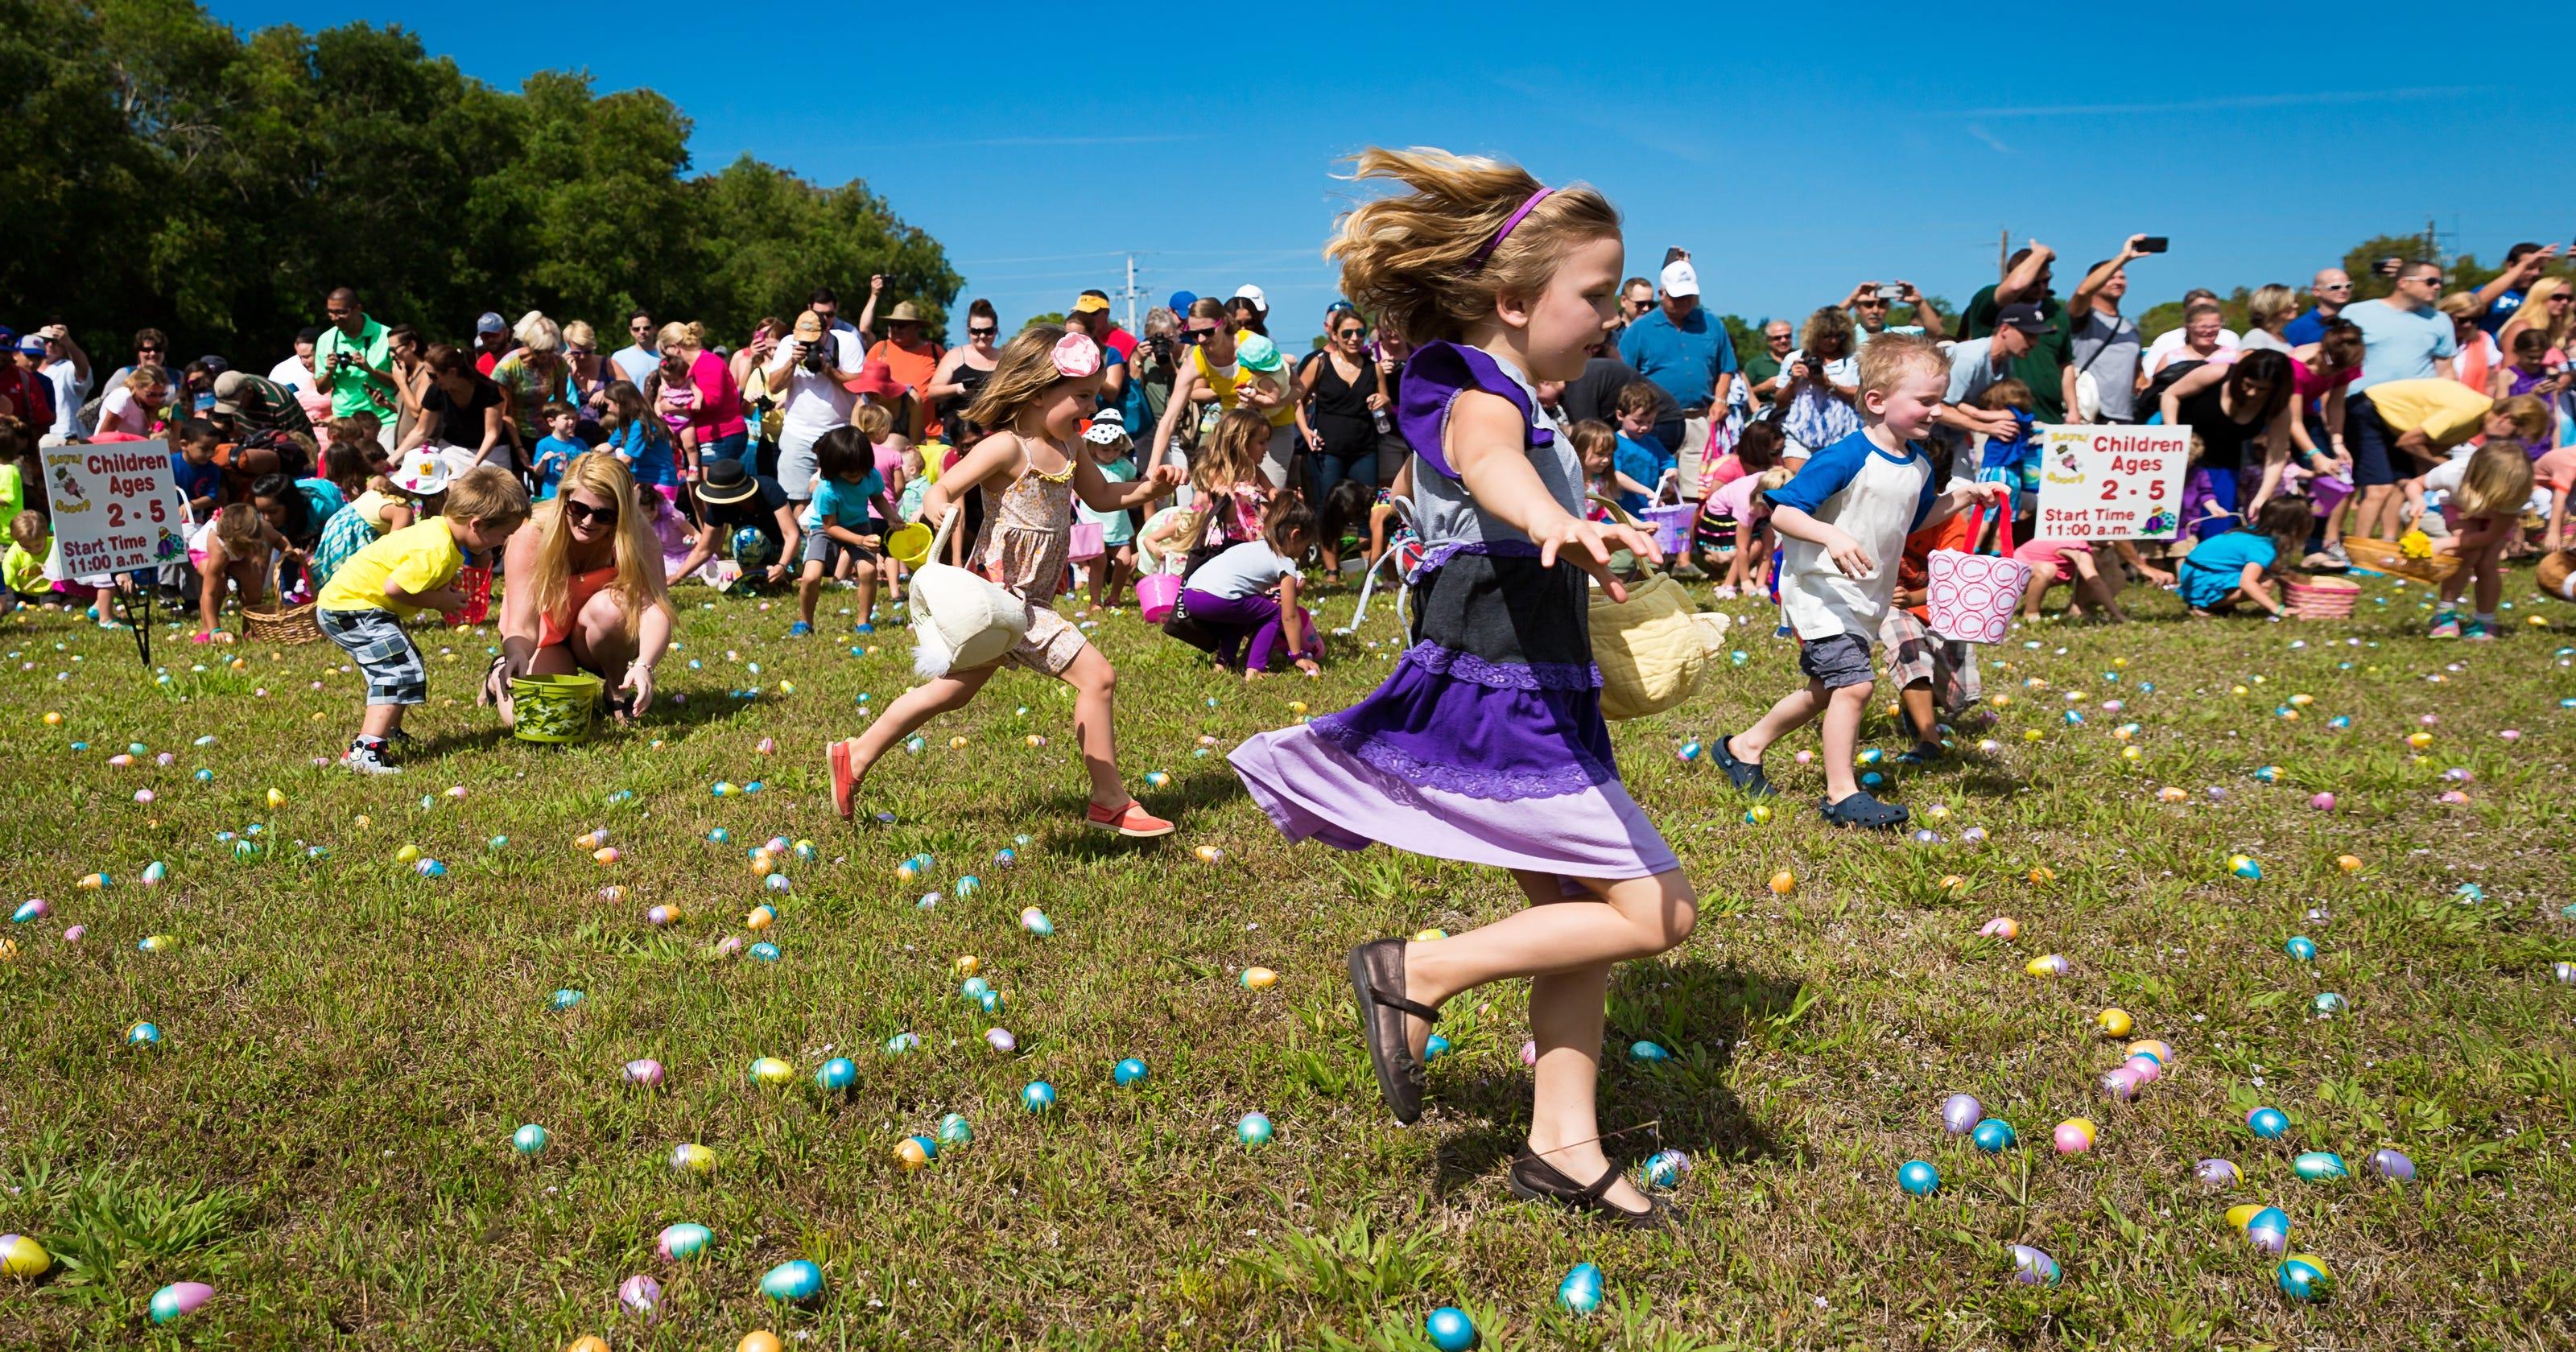 da25fe851 Easter egg hunts in Cincinnati this weekend